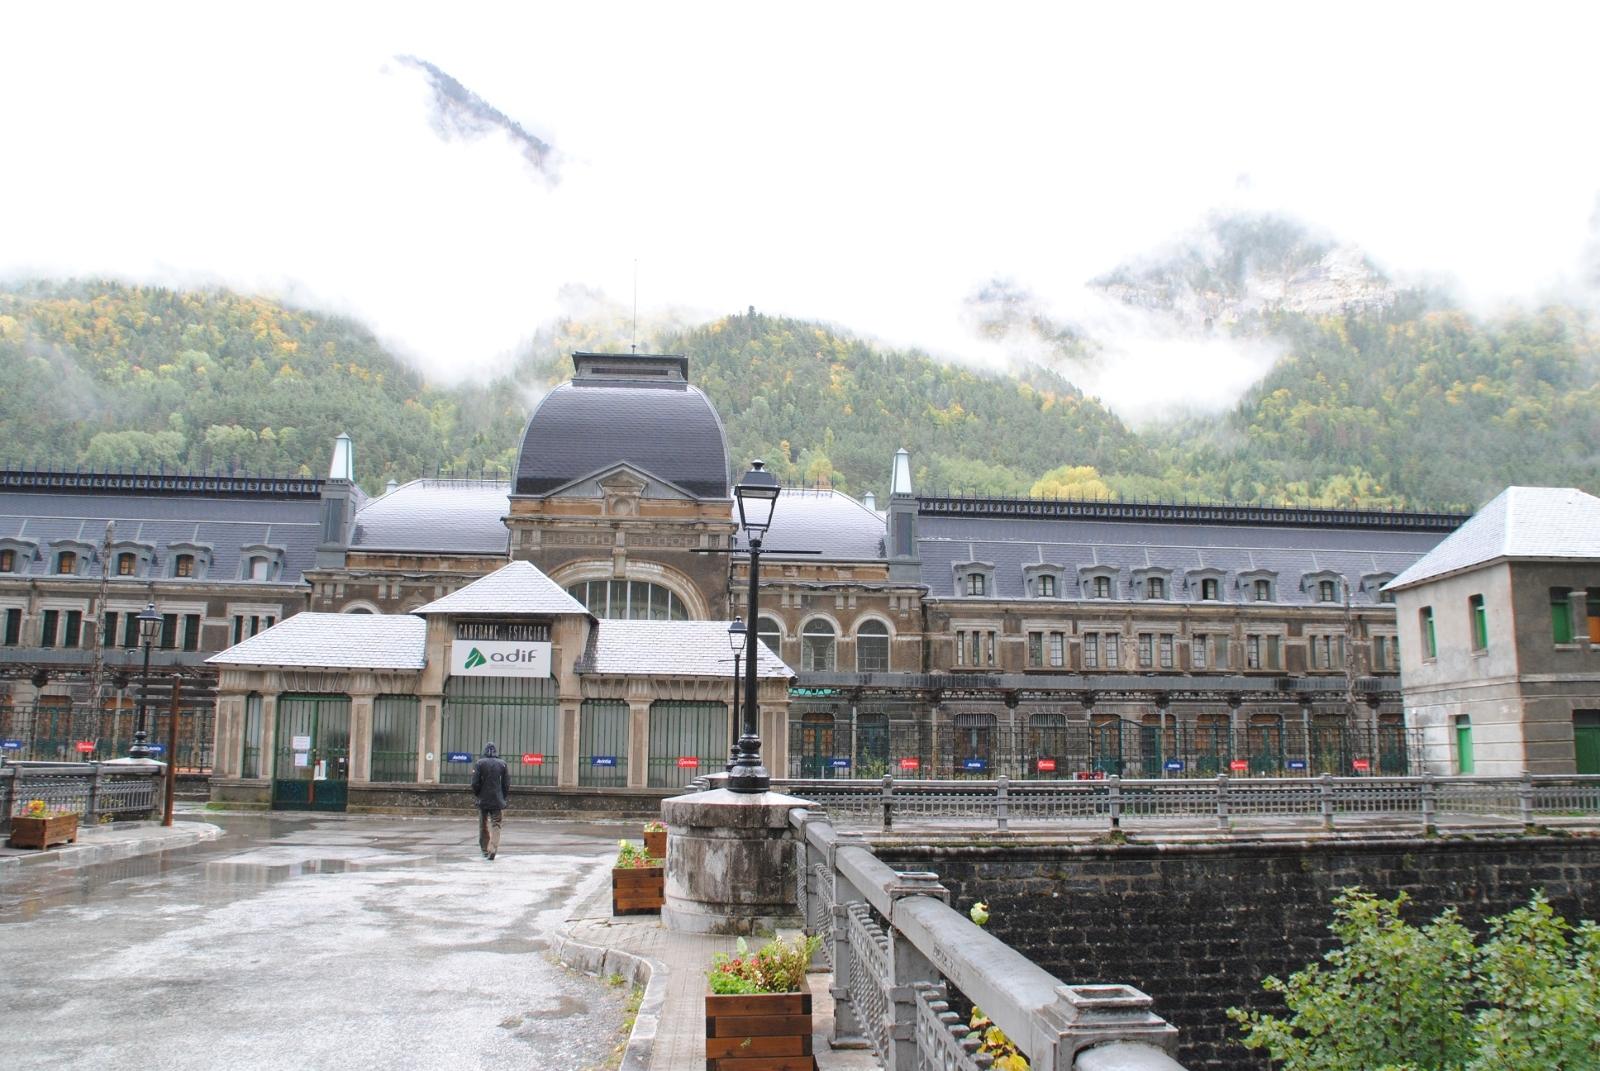 Bahnhof Canfranc - Schon als wir ankommen sind wir beeindruckt.